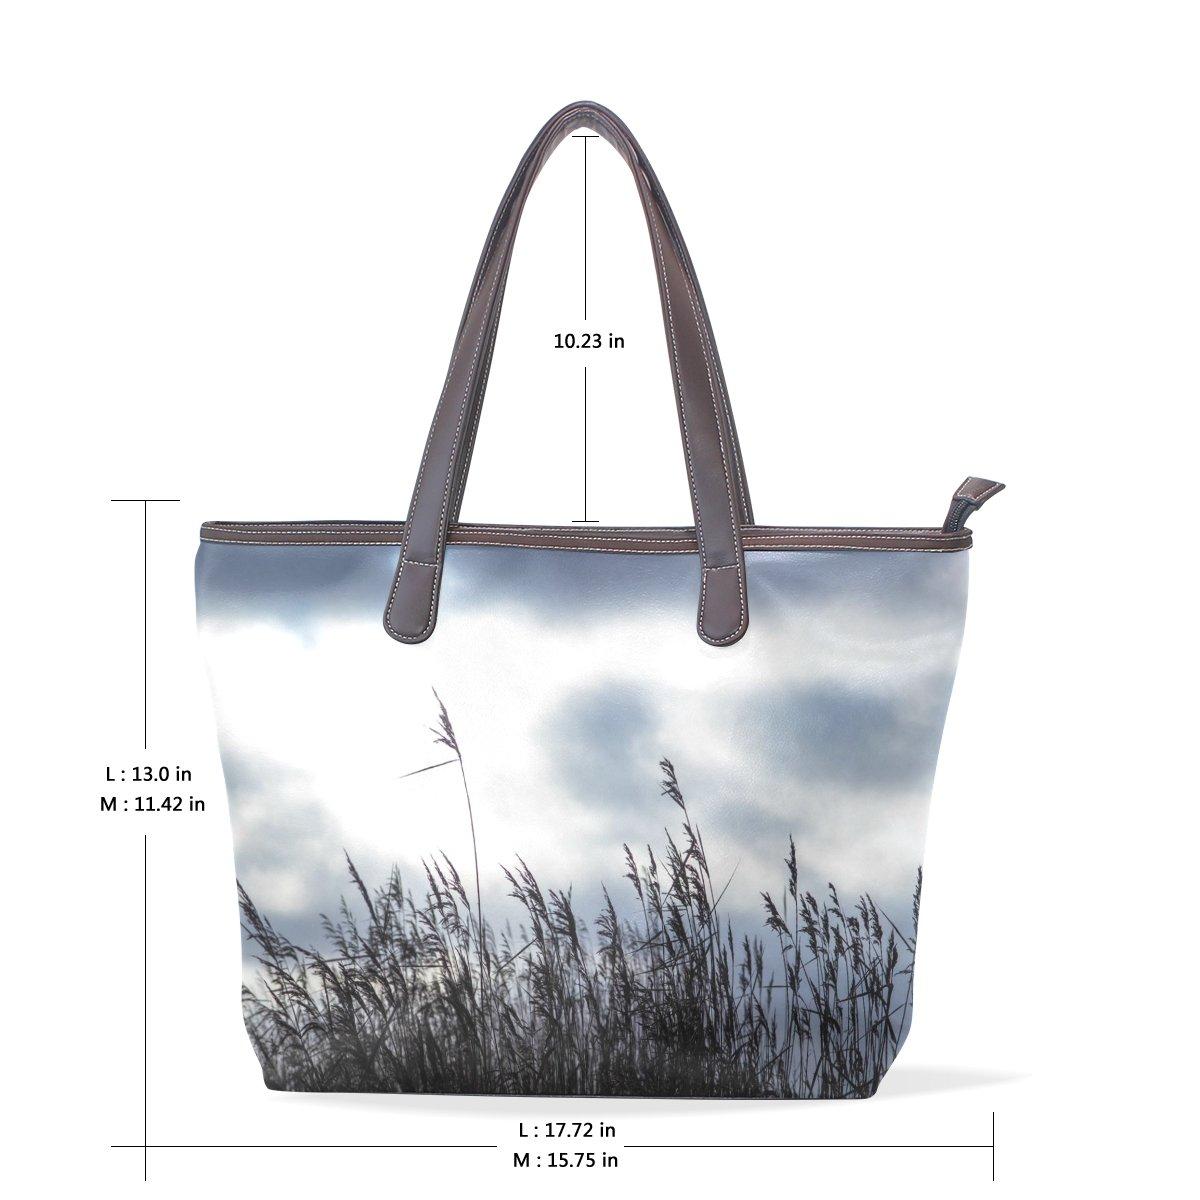 SCDS Reed PU Leather Lady Handbag Tote Bag Zipper Shoulder Bag